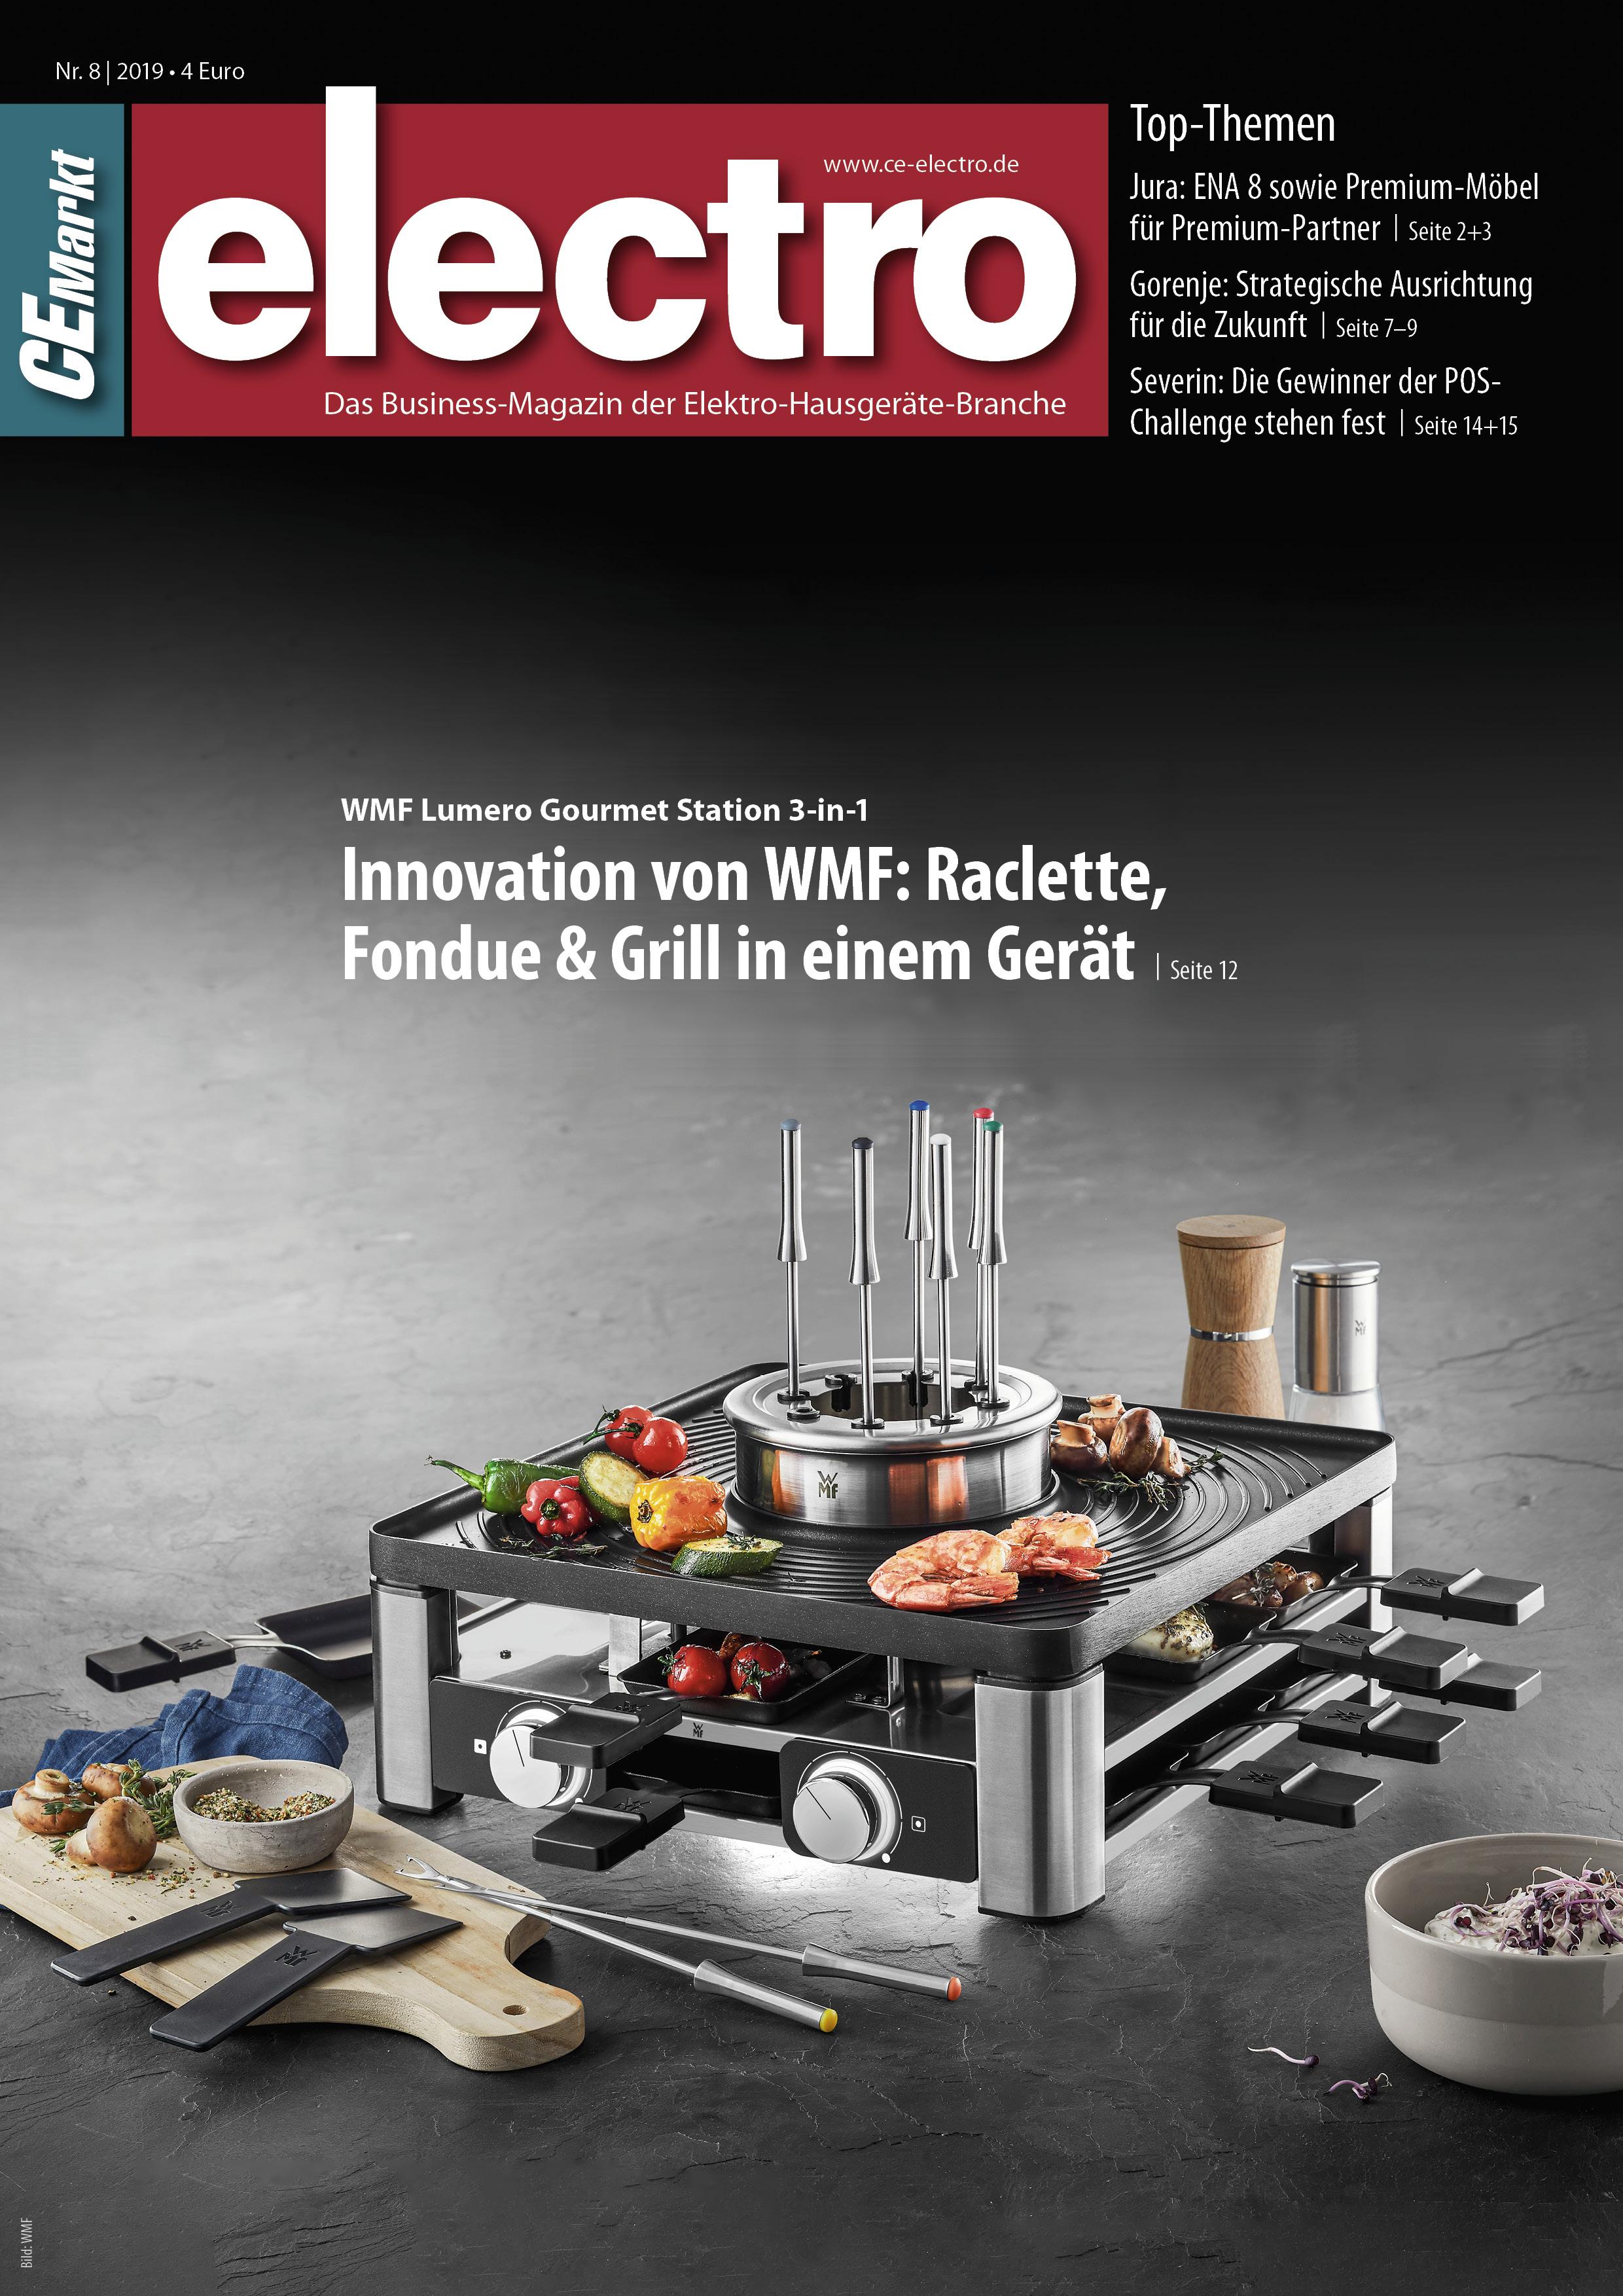 CE-Markt electro Titelseite des Hefts 8/2019.